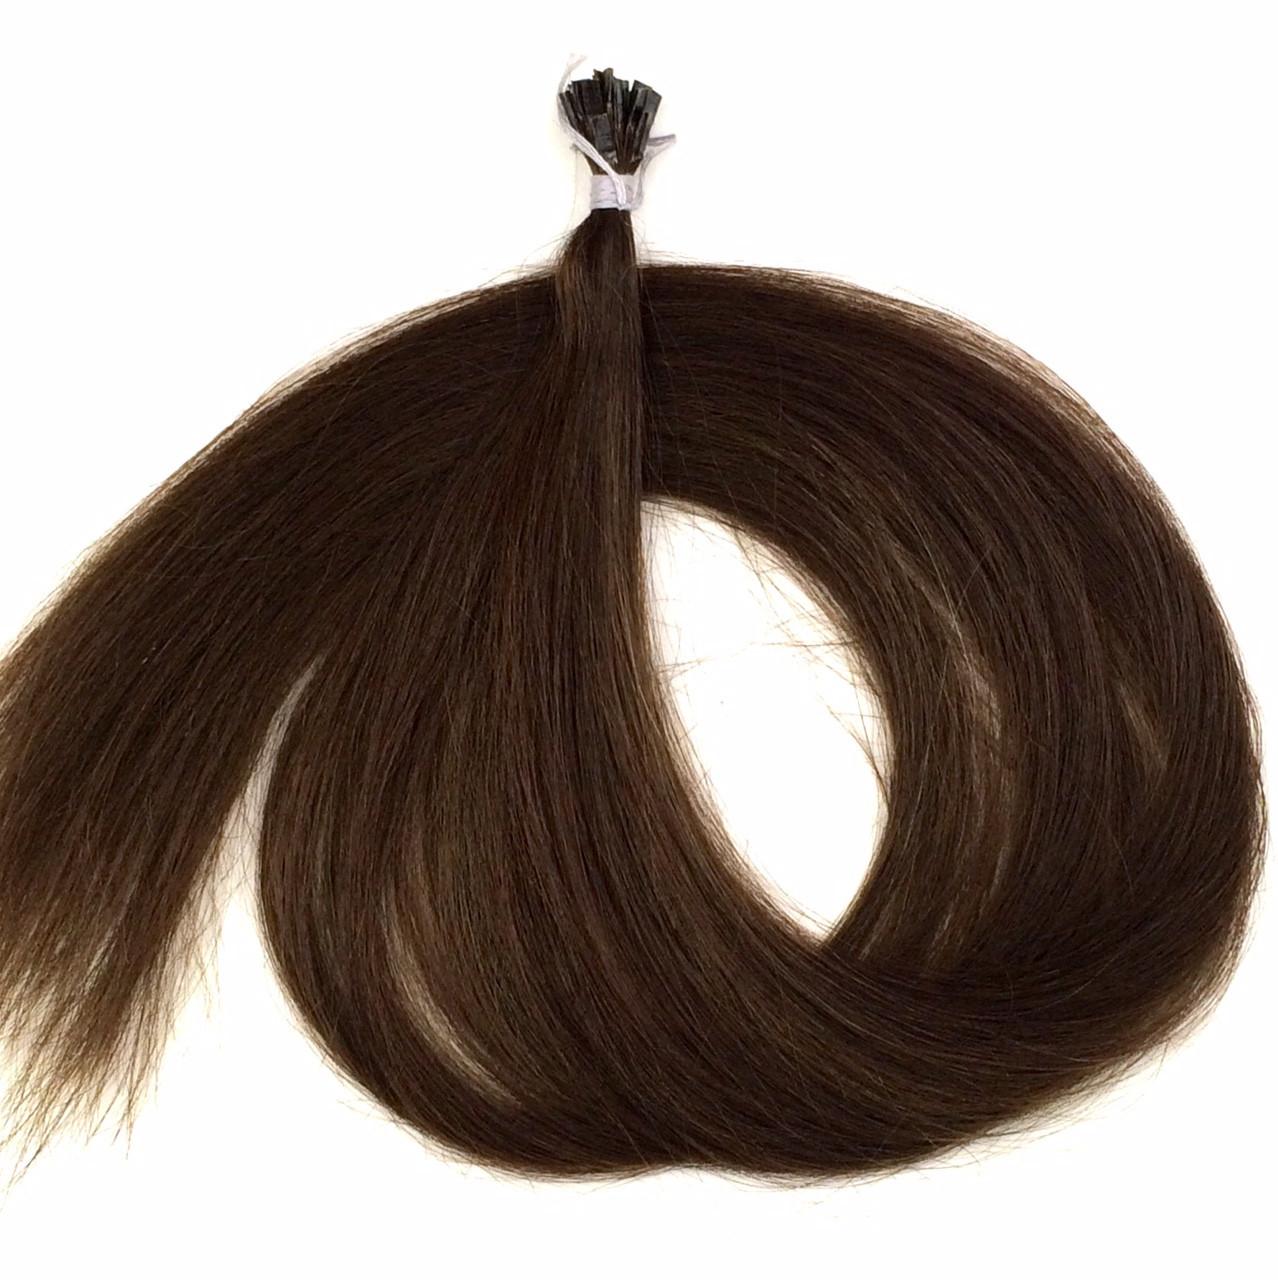 Славянские волосы на капсулах 70 см. Цвет #Каштановый - Интернет-магазин REMI в Днепре